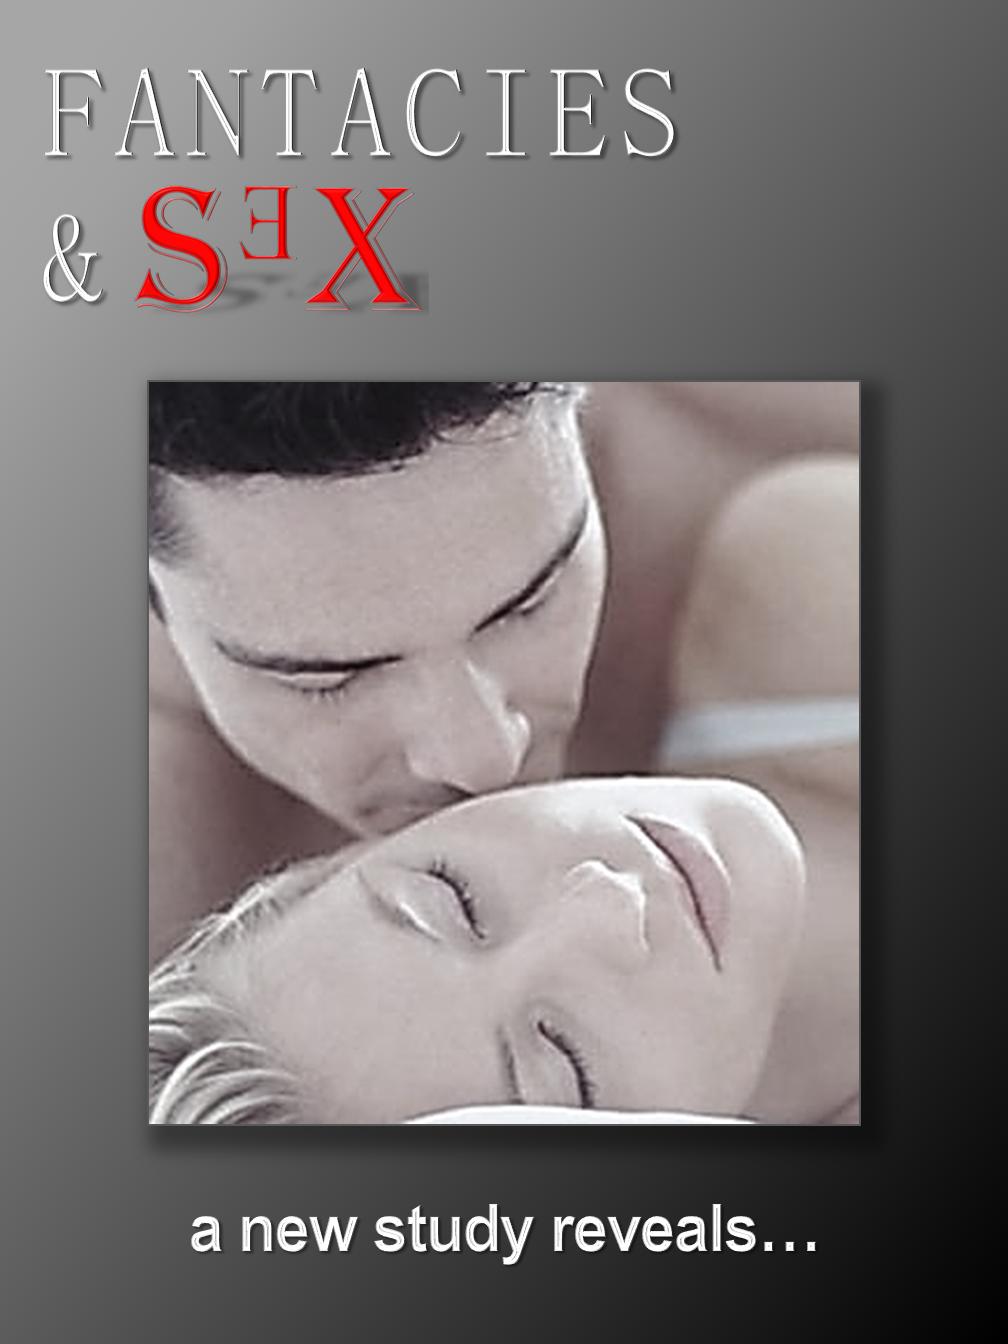 Fantacies & SEX